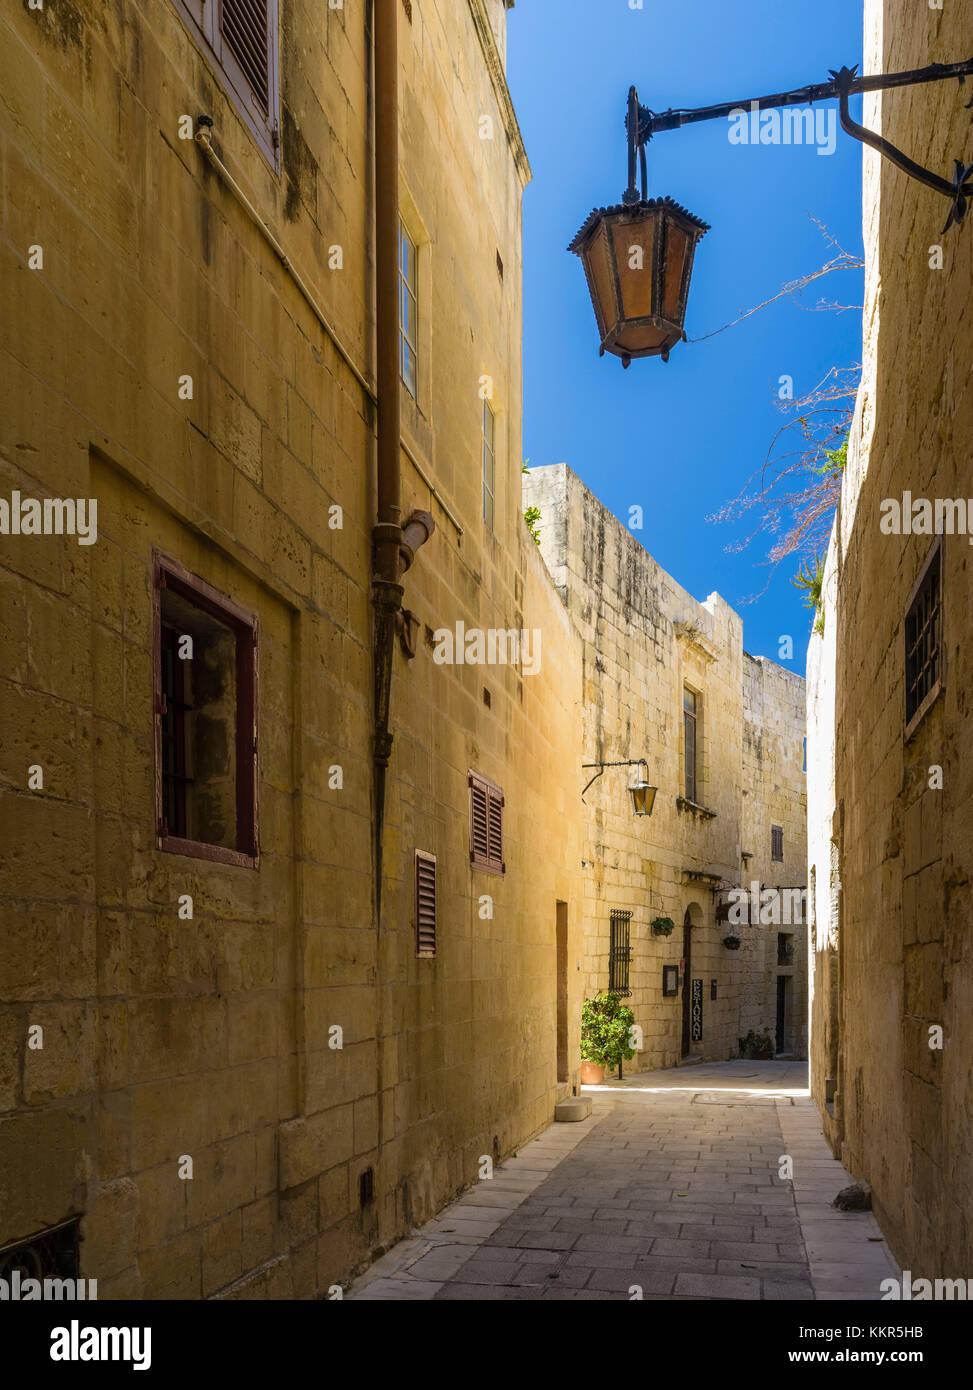 Malerische Gasse in der alten Hauptstadt von Malta, mdina Stockbild